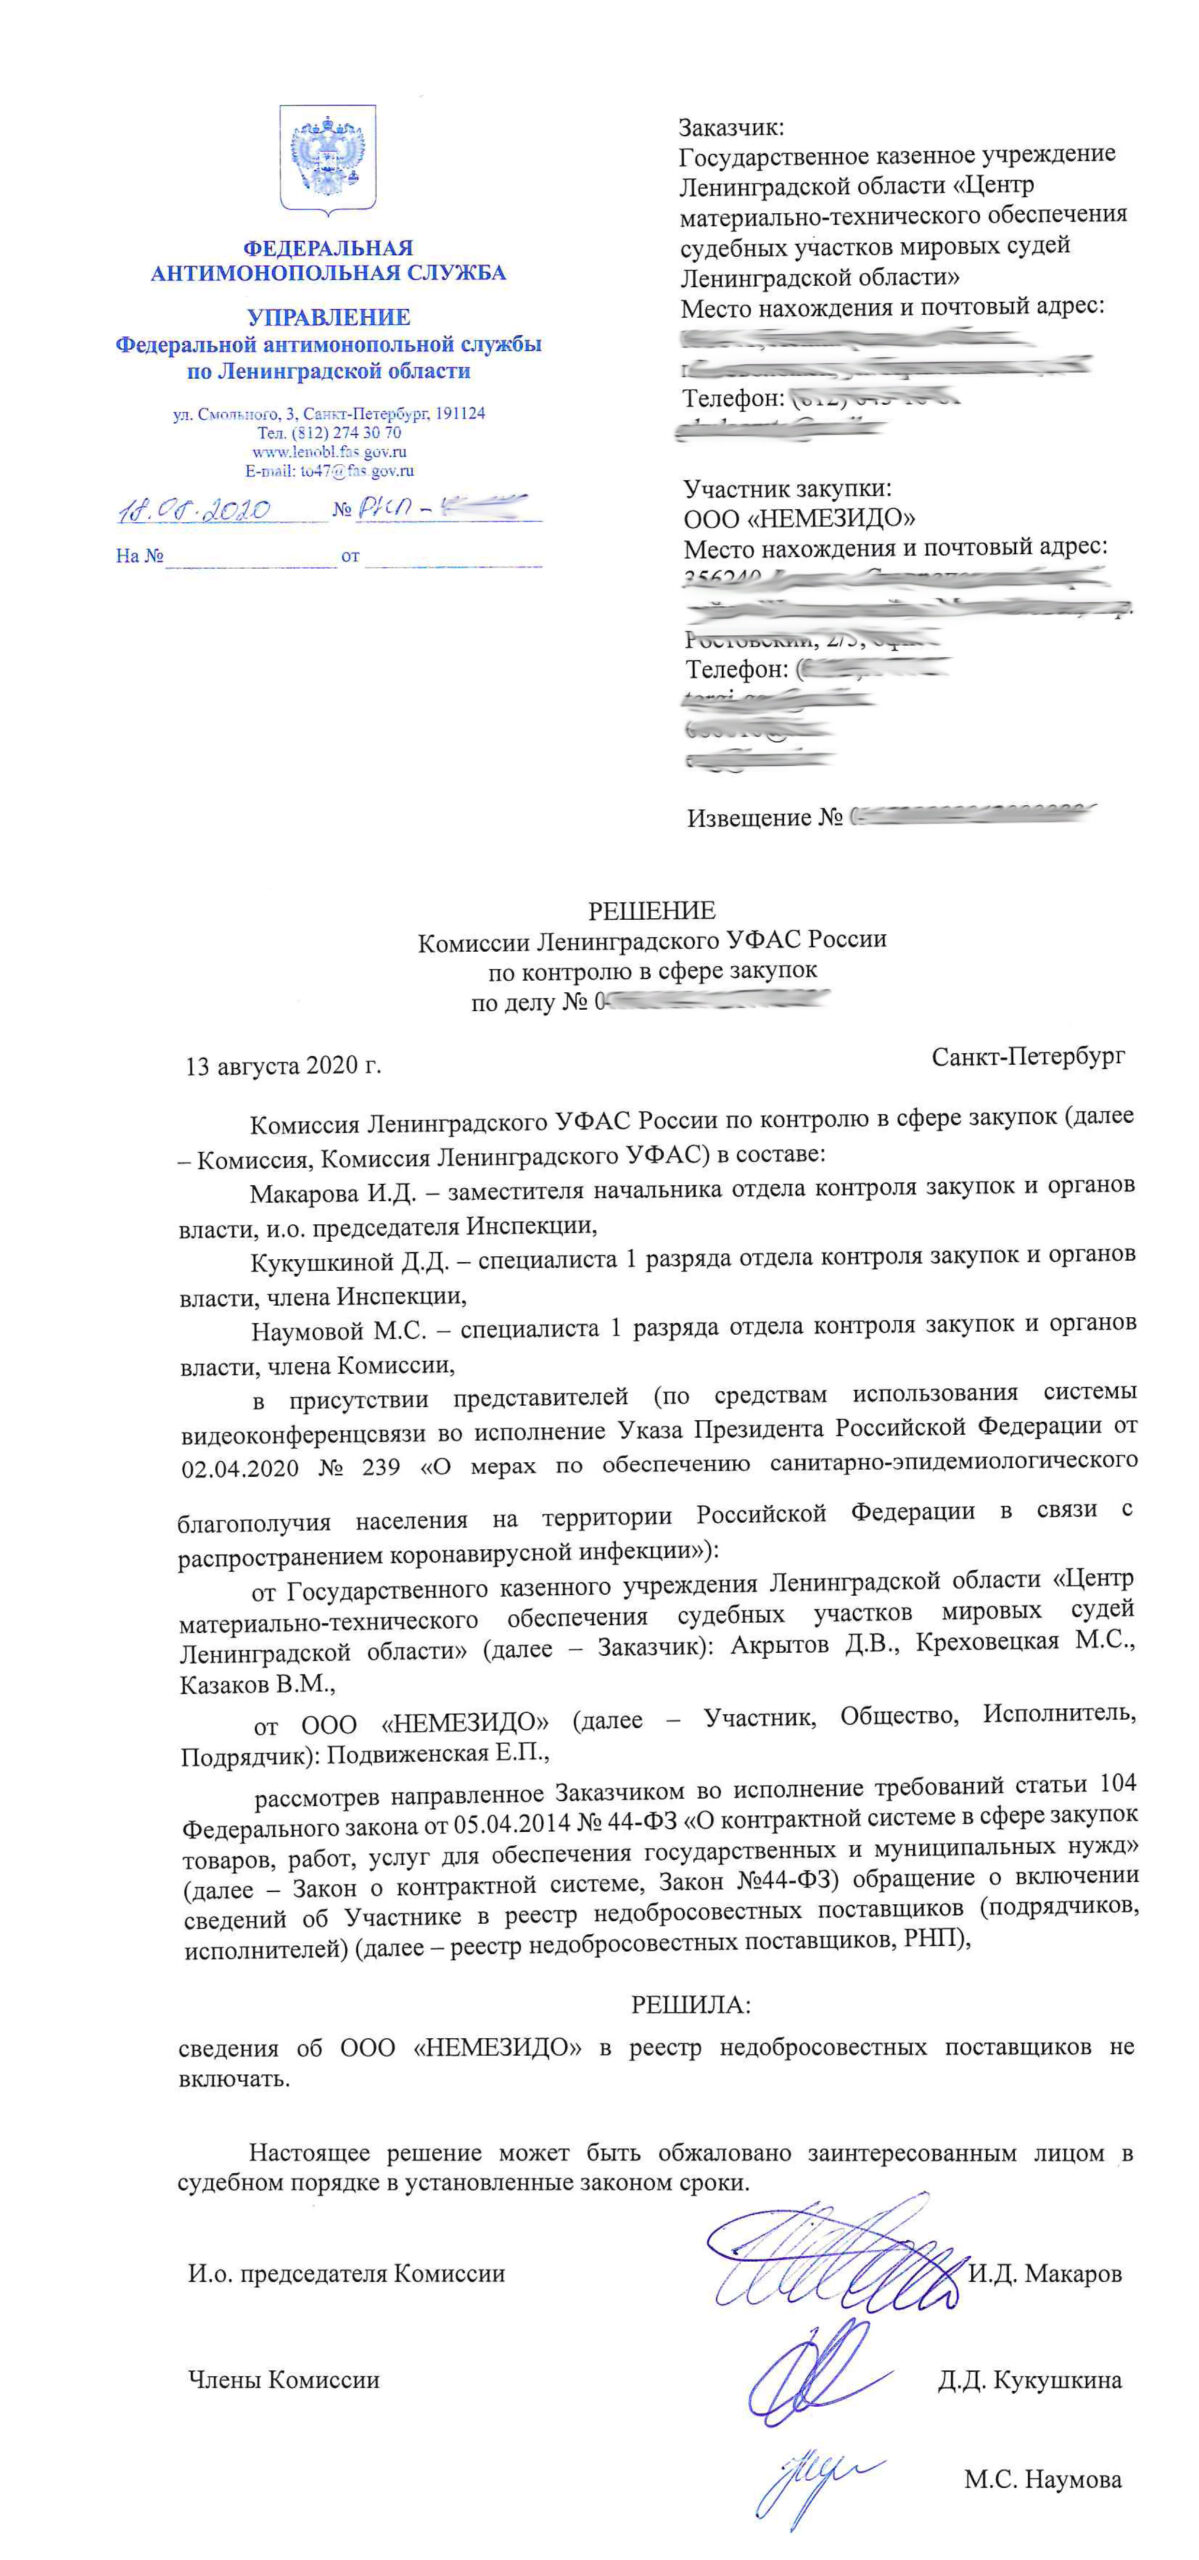 УФАС Ленинградской области Немезидо